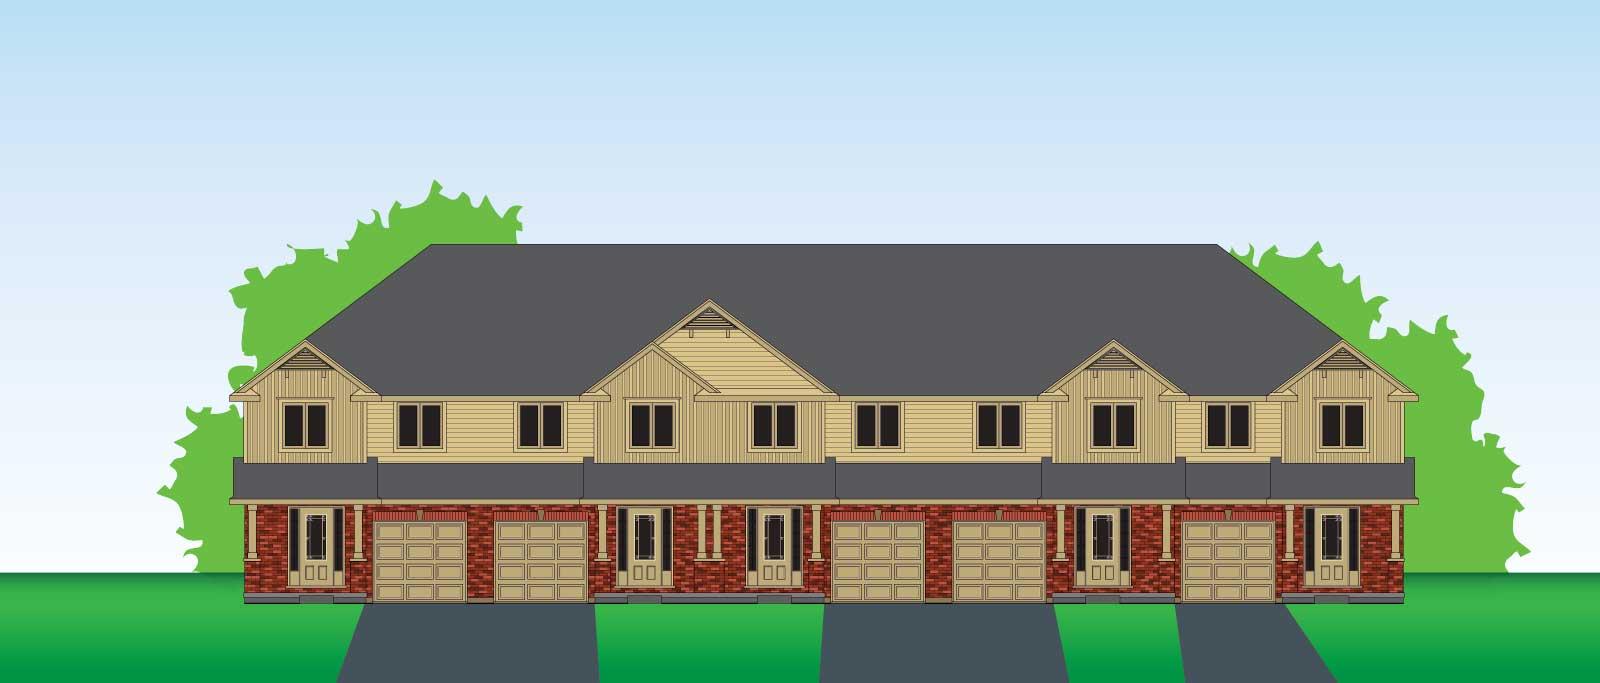 Schuyler-Estates-2-Storey_1600_wide